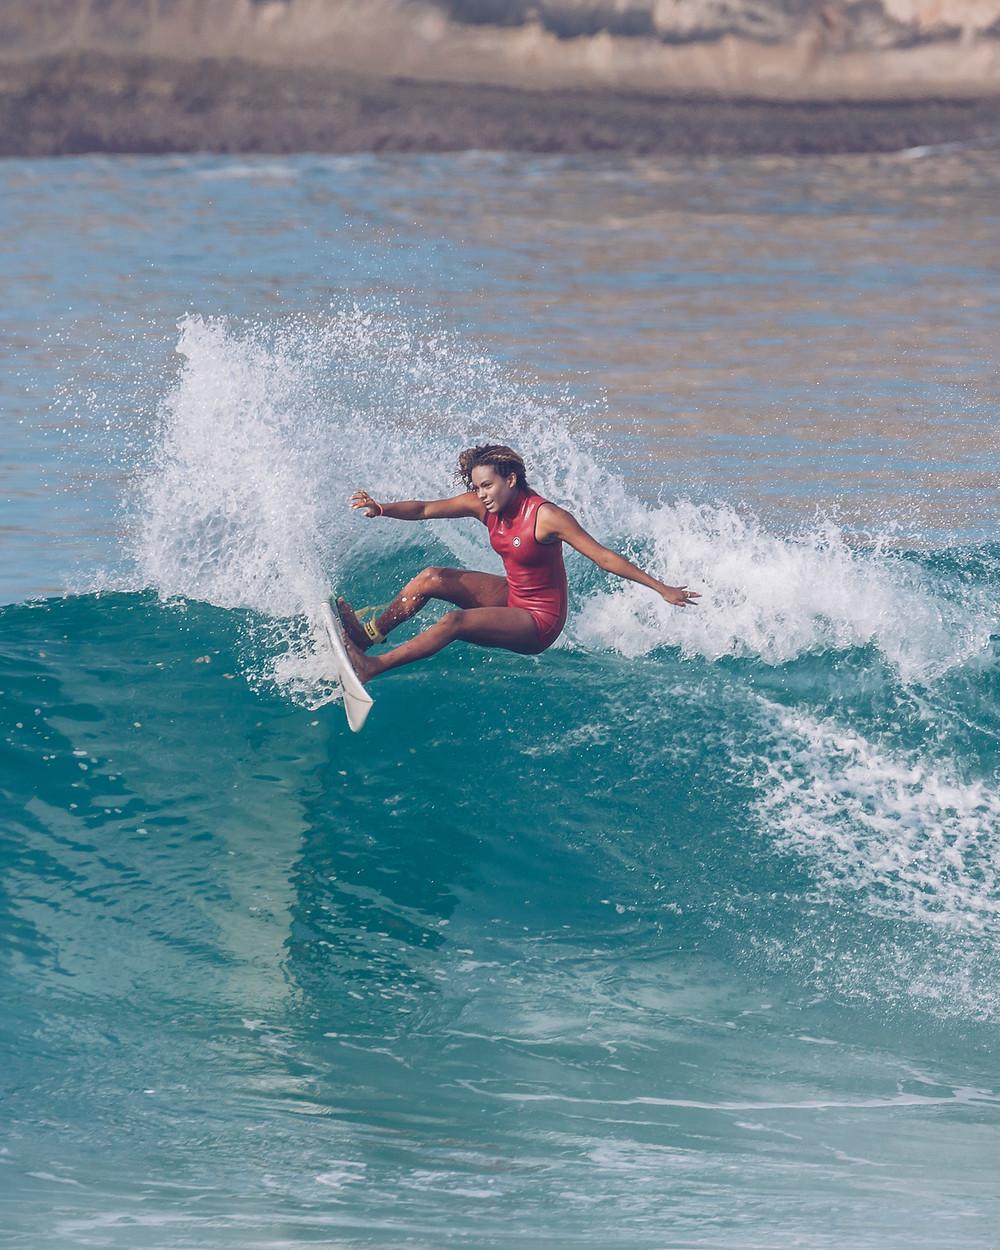 A surfista Yanca Costa fazendo uma manobra surfando